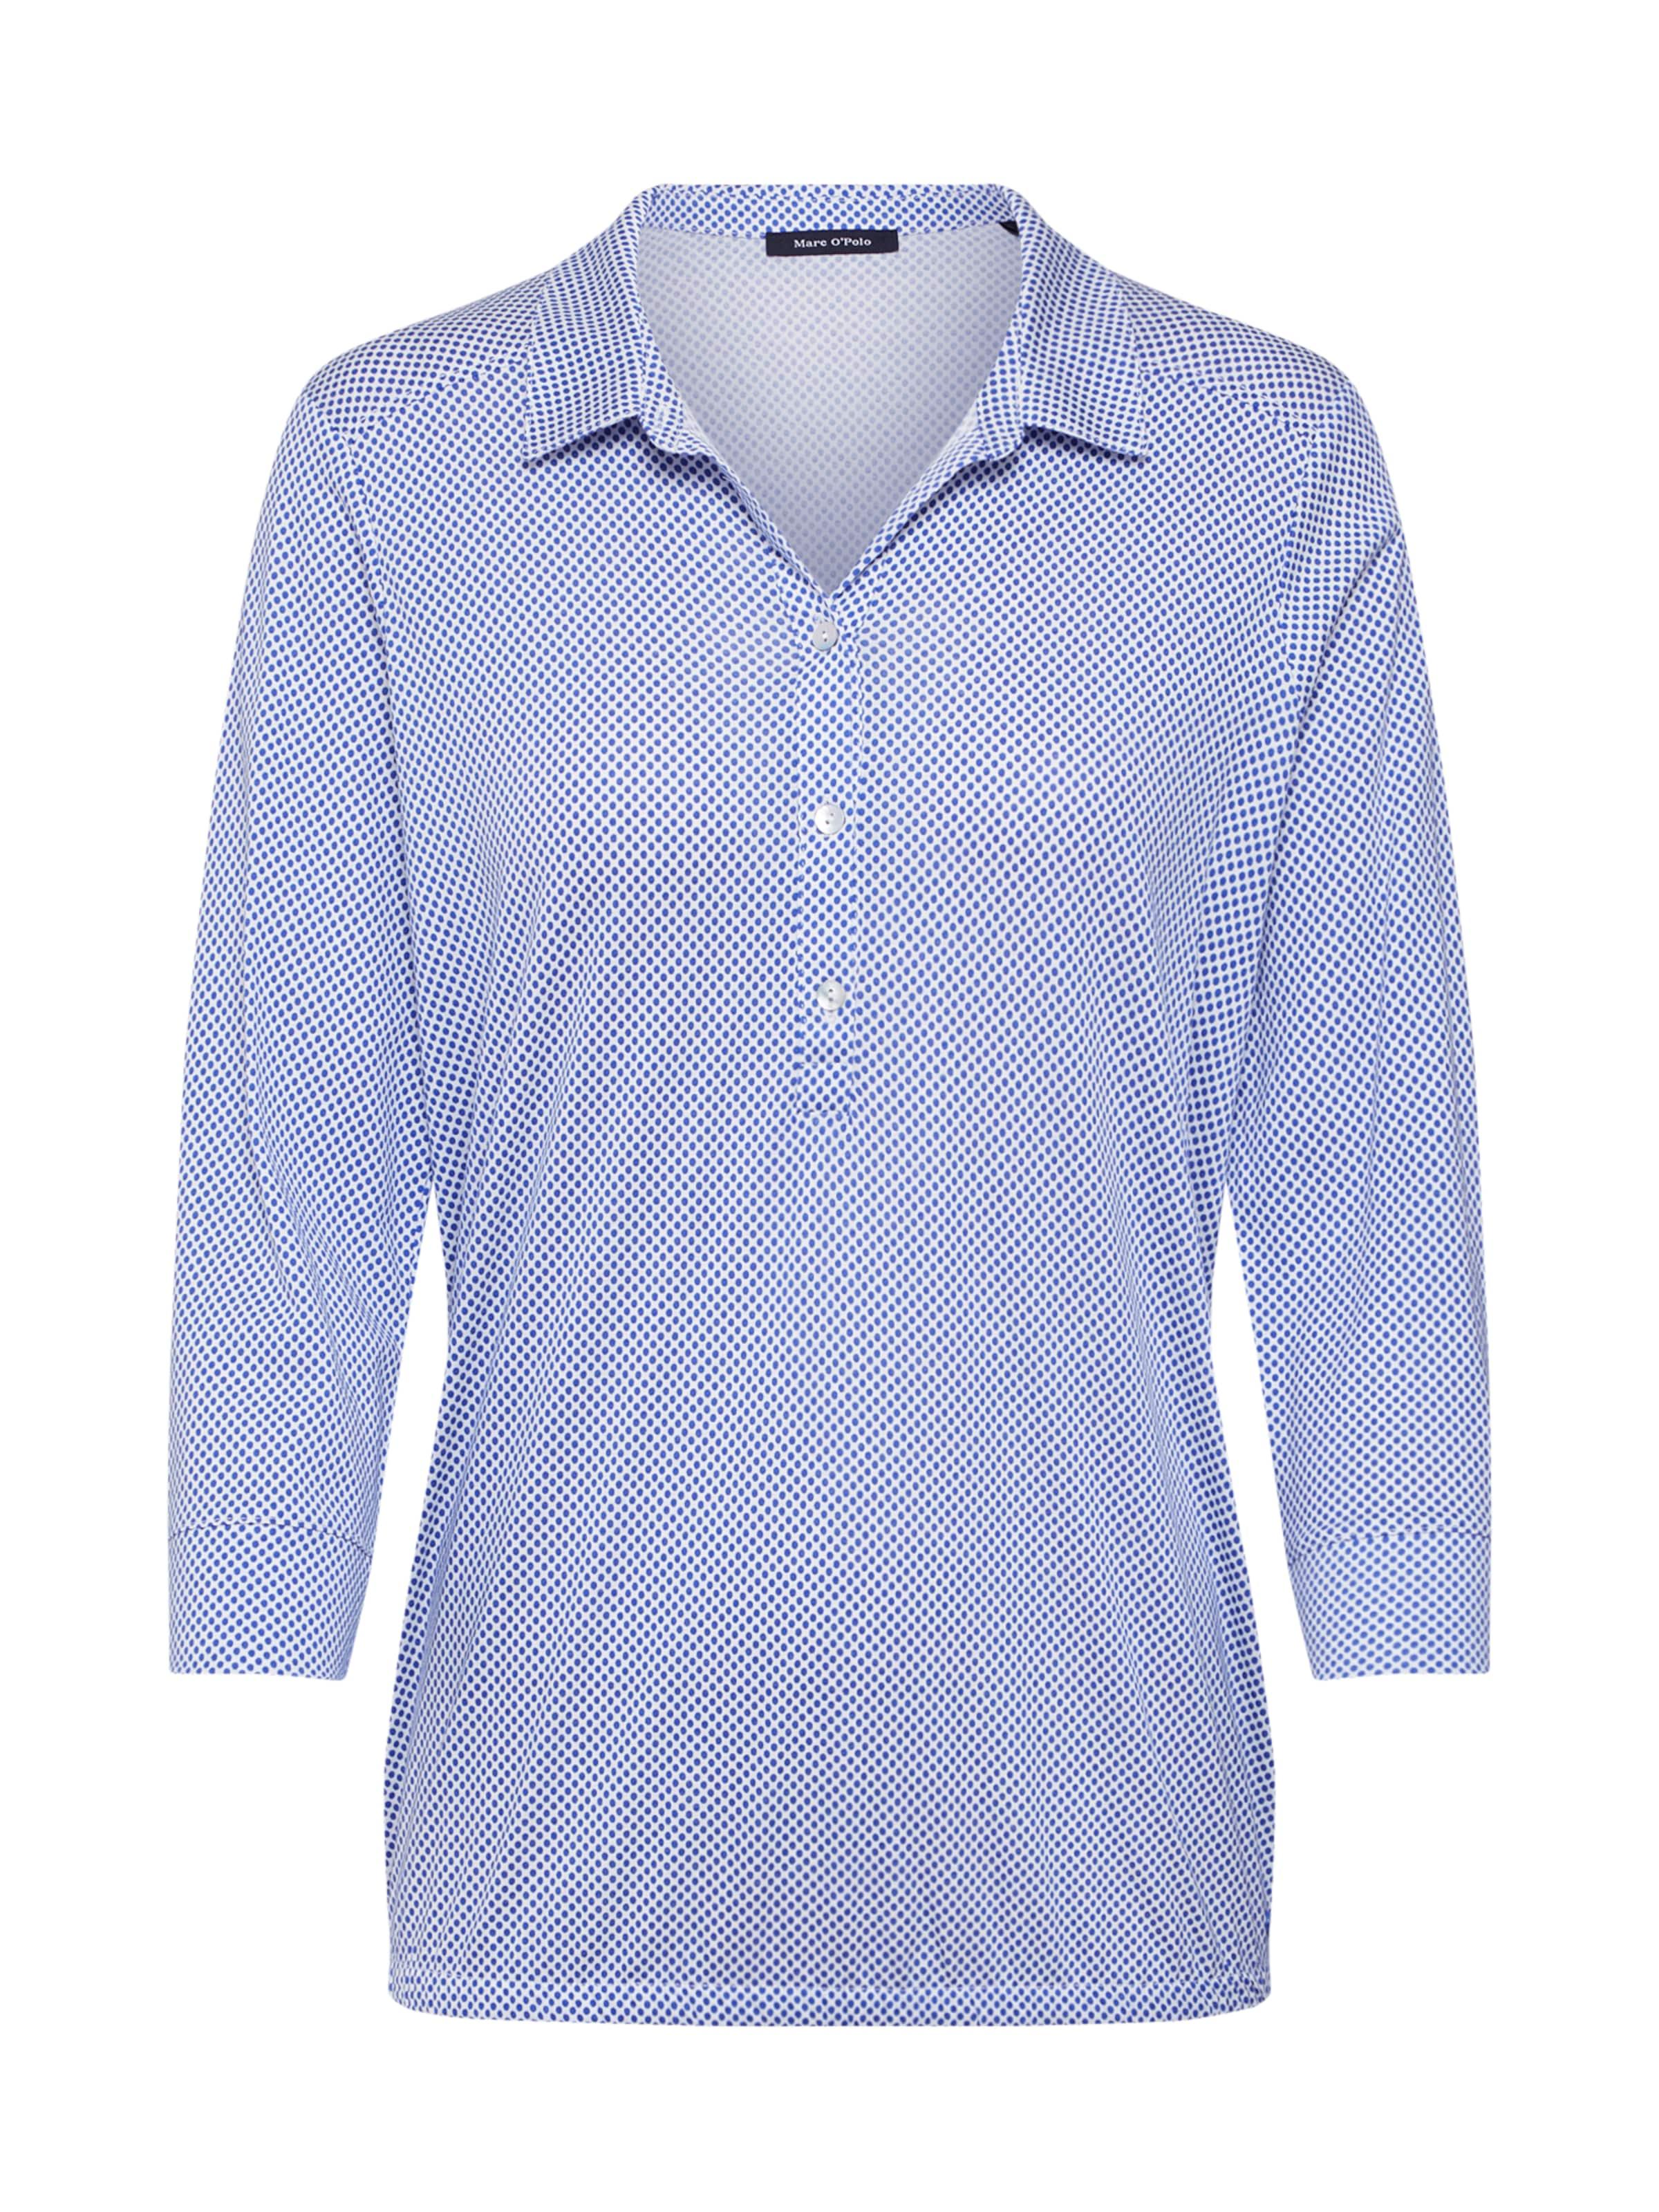 O'polo Shirt Marc In BlauWeiß bg6yIf7vY